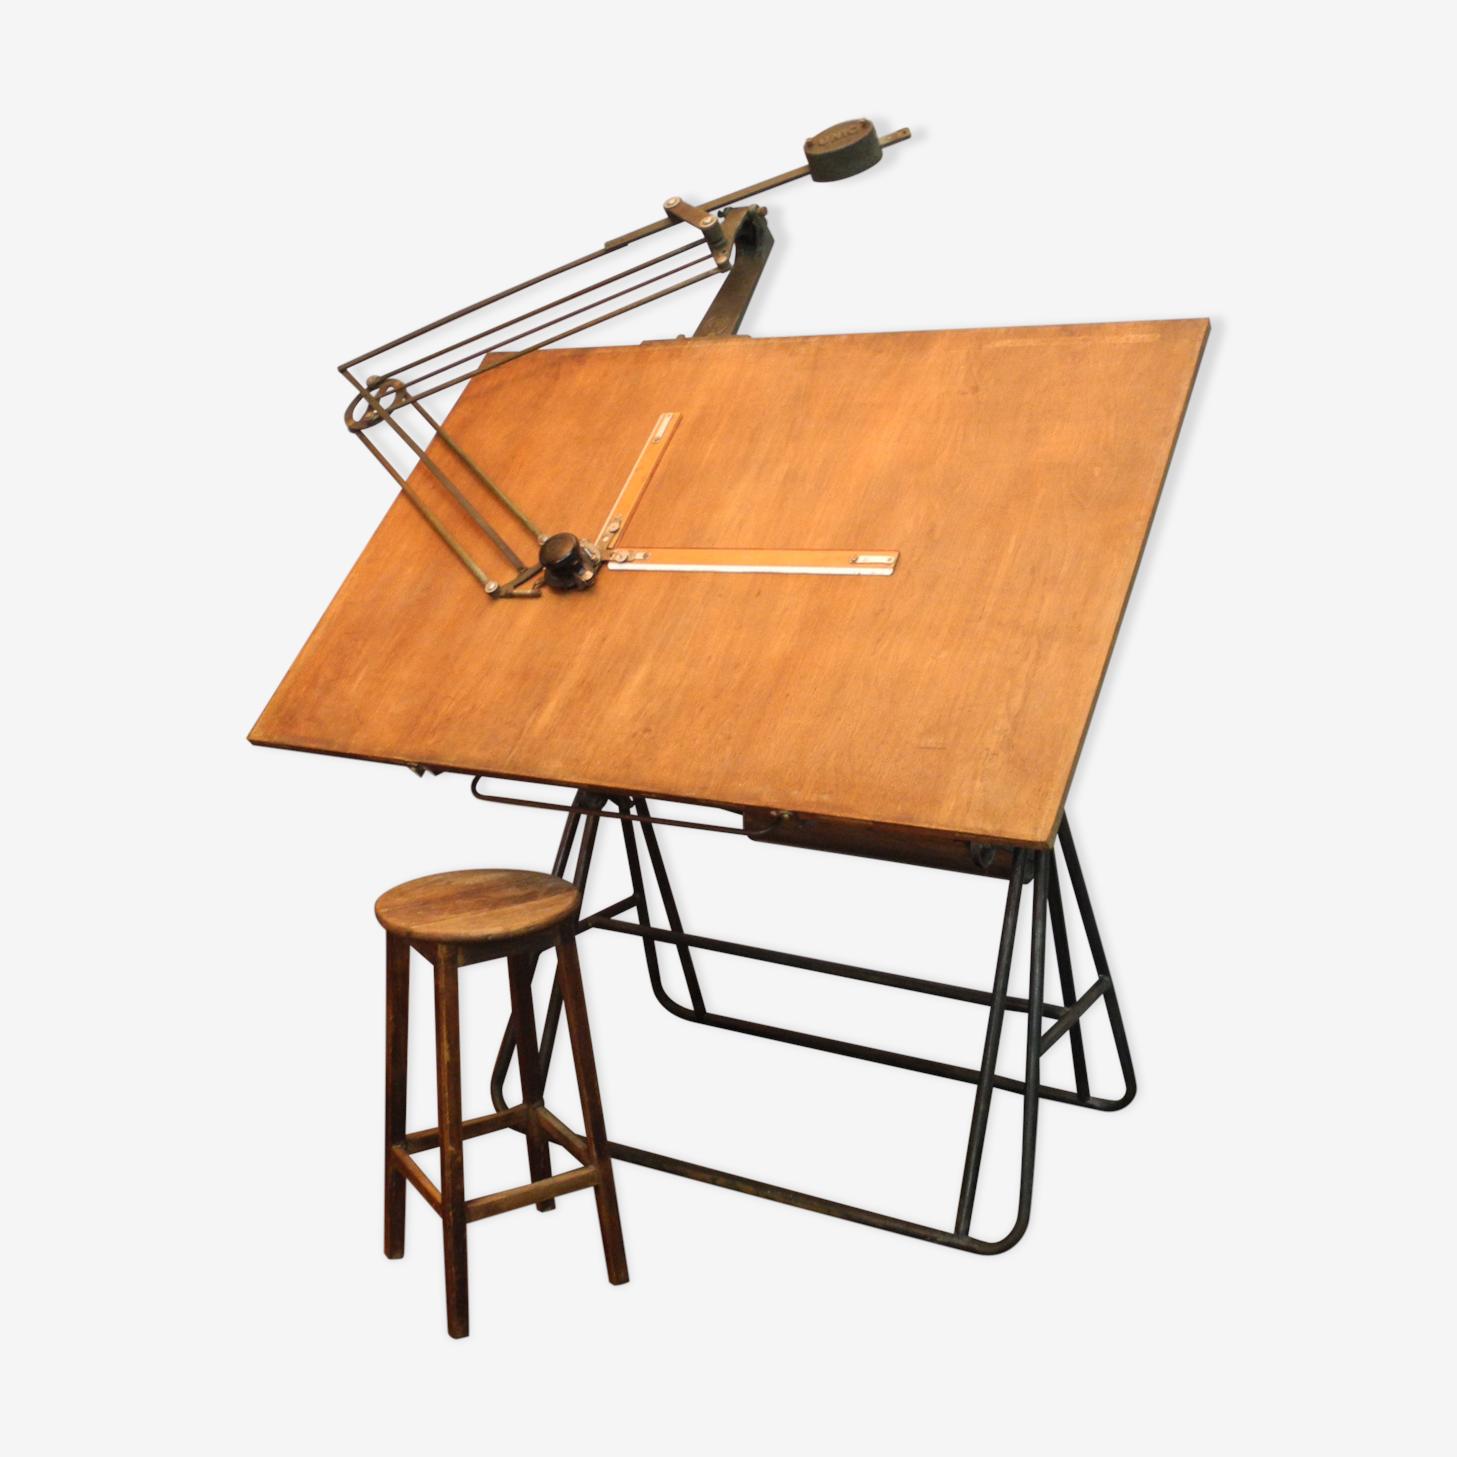 Table D Architecte En Bois ancienne table d'architecte de la marque unique - bois (matériau